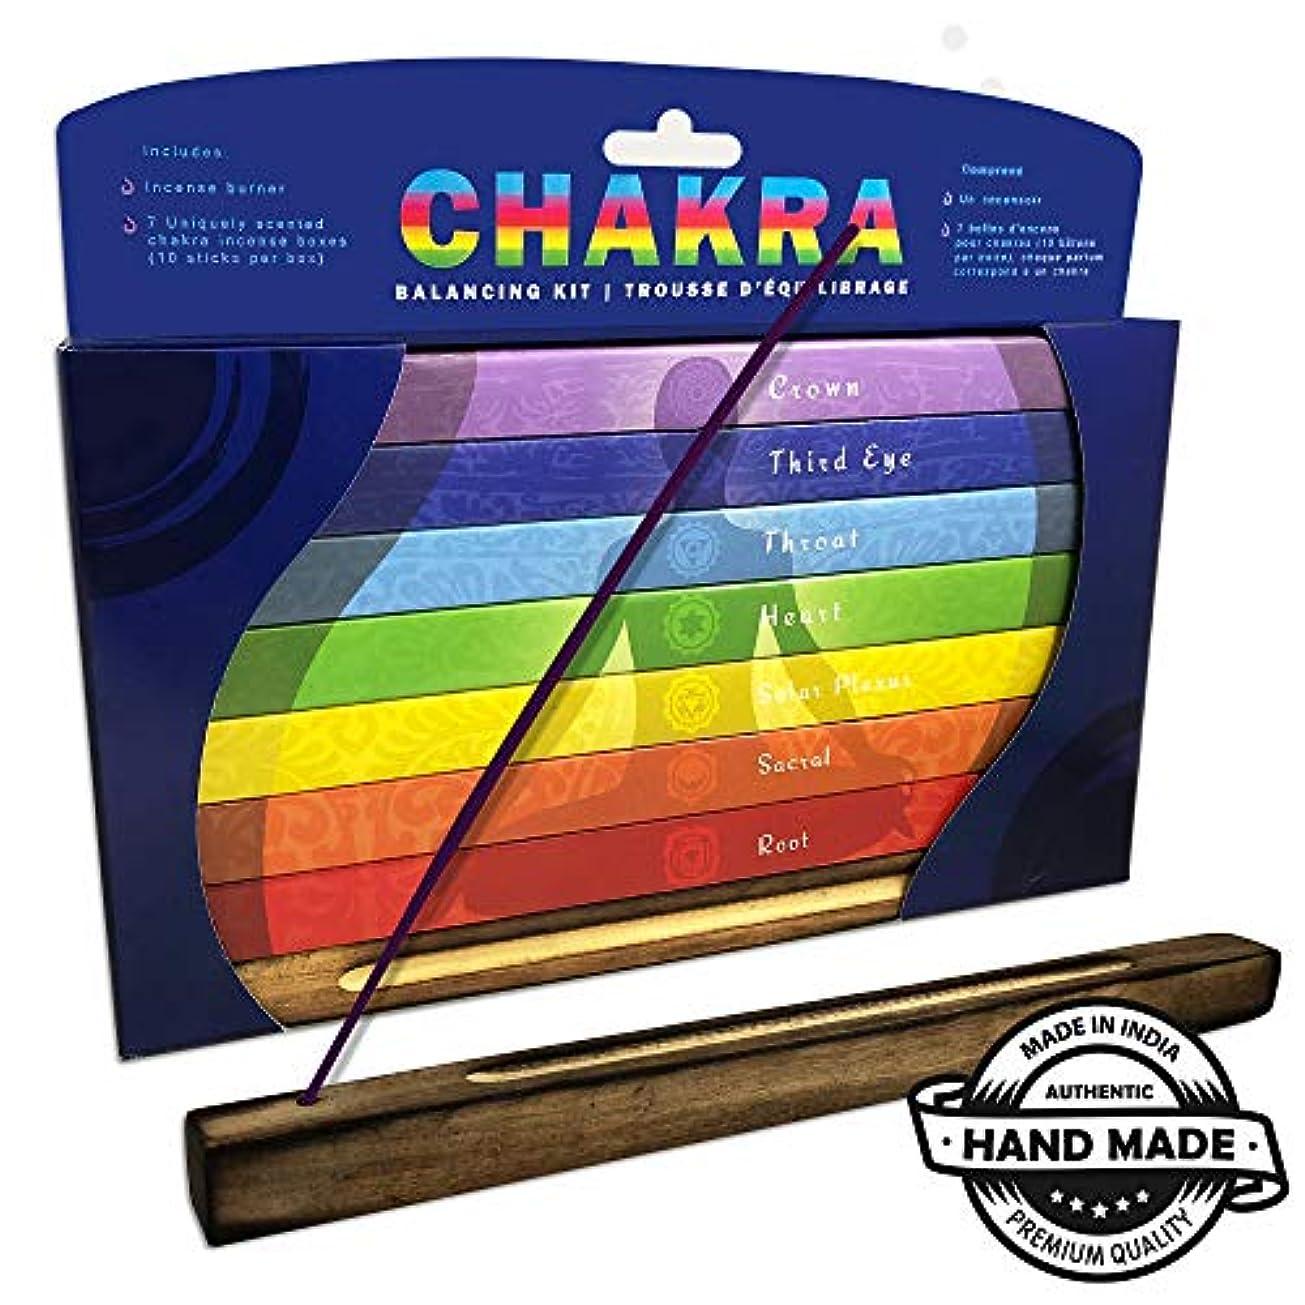 どこか環境に優しい欲望Chakra & Luck プレミアムインセンススティック | クラウンからルートまで7つのチャクラ | 70スティックセットギフトパック | ヒーリング ヨガ 瞑想 アロマセラピーに最適なバランスのお香